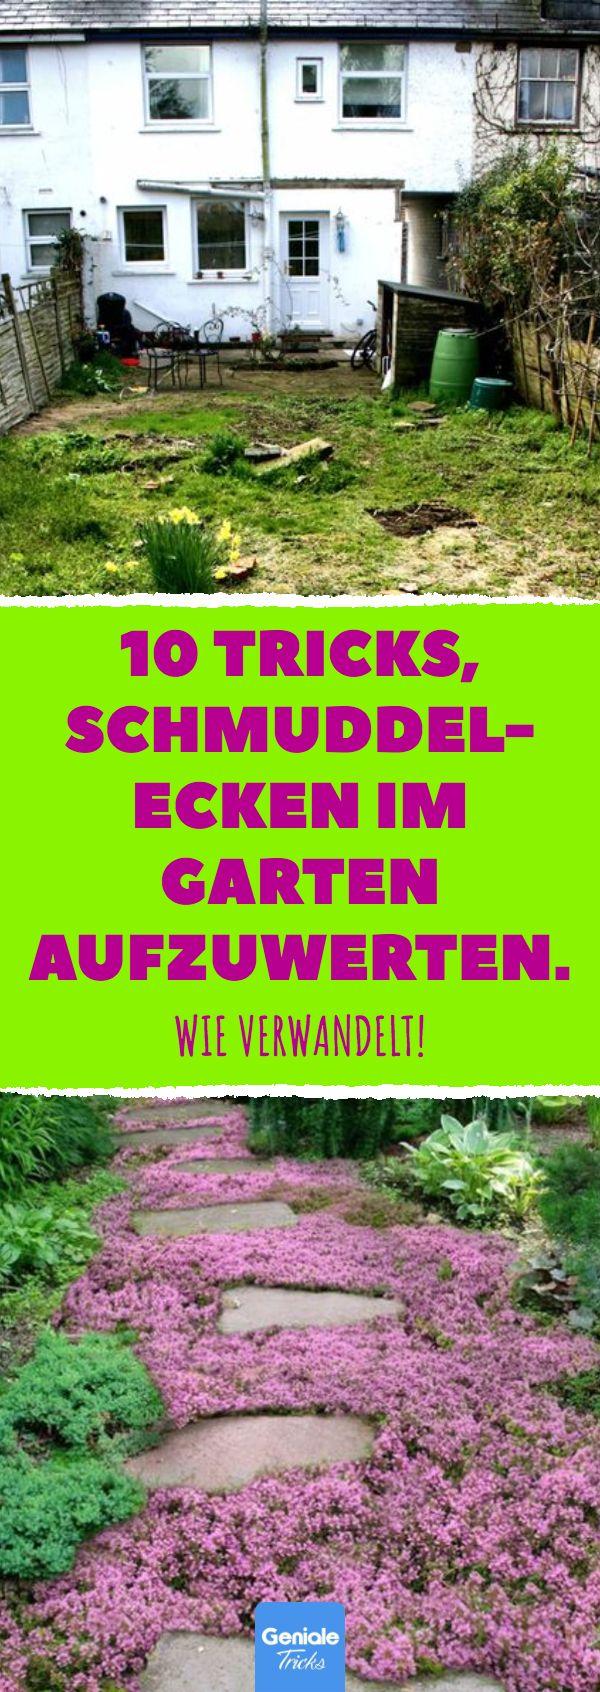 10 Tricks, Schmuddel-Ecken im Garten aufzuwerten. 10 Tipps und Tricks für schwi… – Geniale Tricks